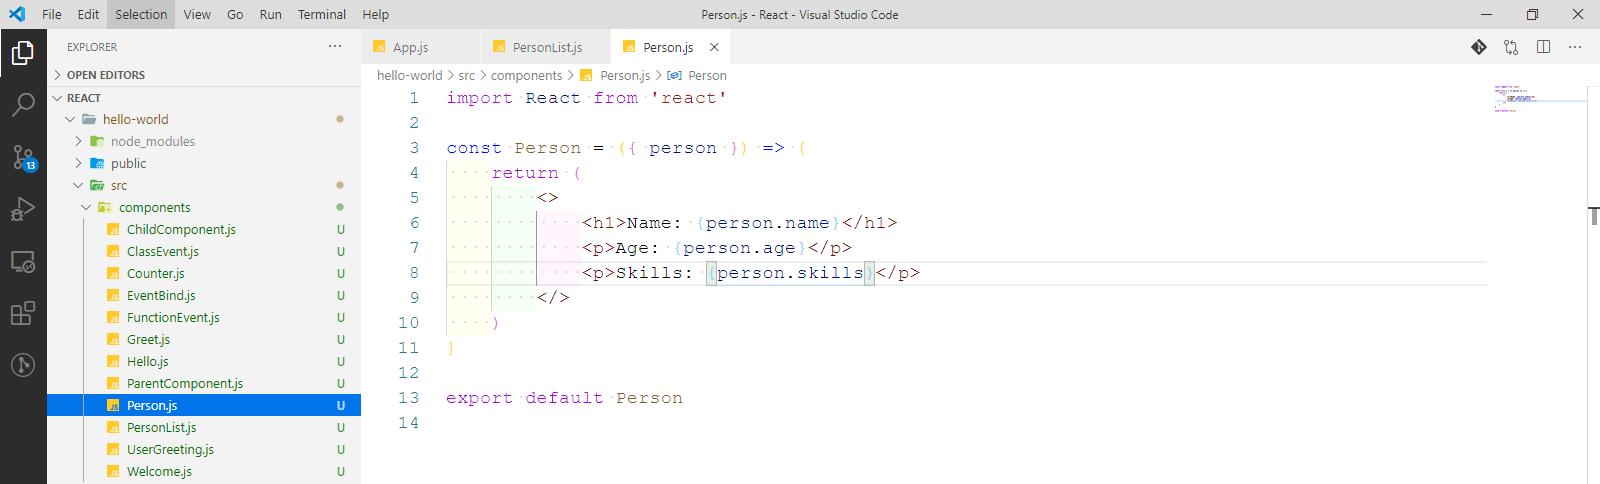 Person.js